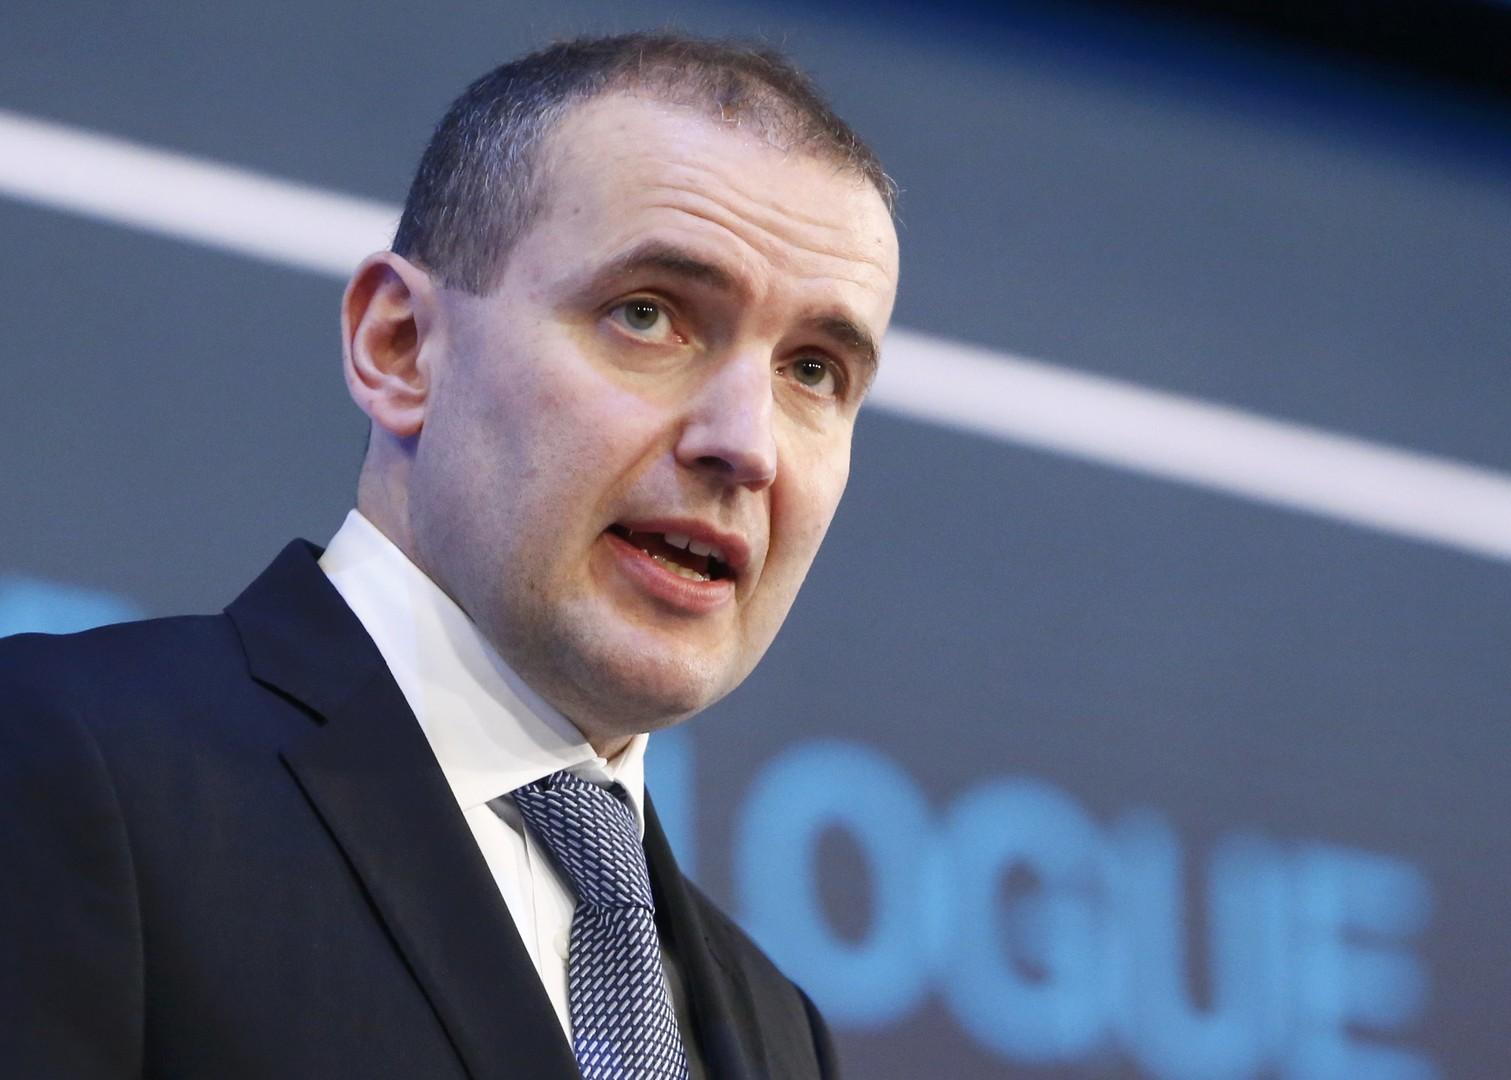 «Диалог полезен в международных делах»: президент Исландии дал интервью RT